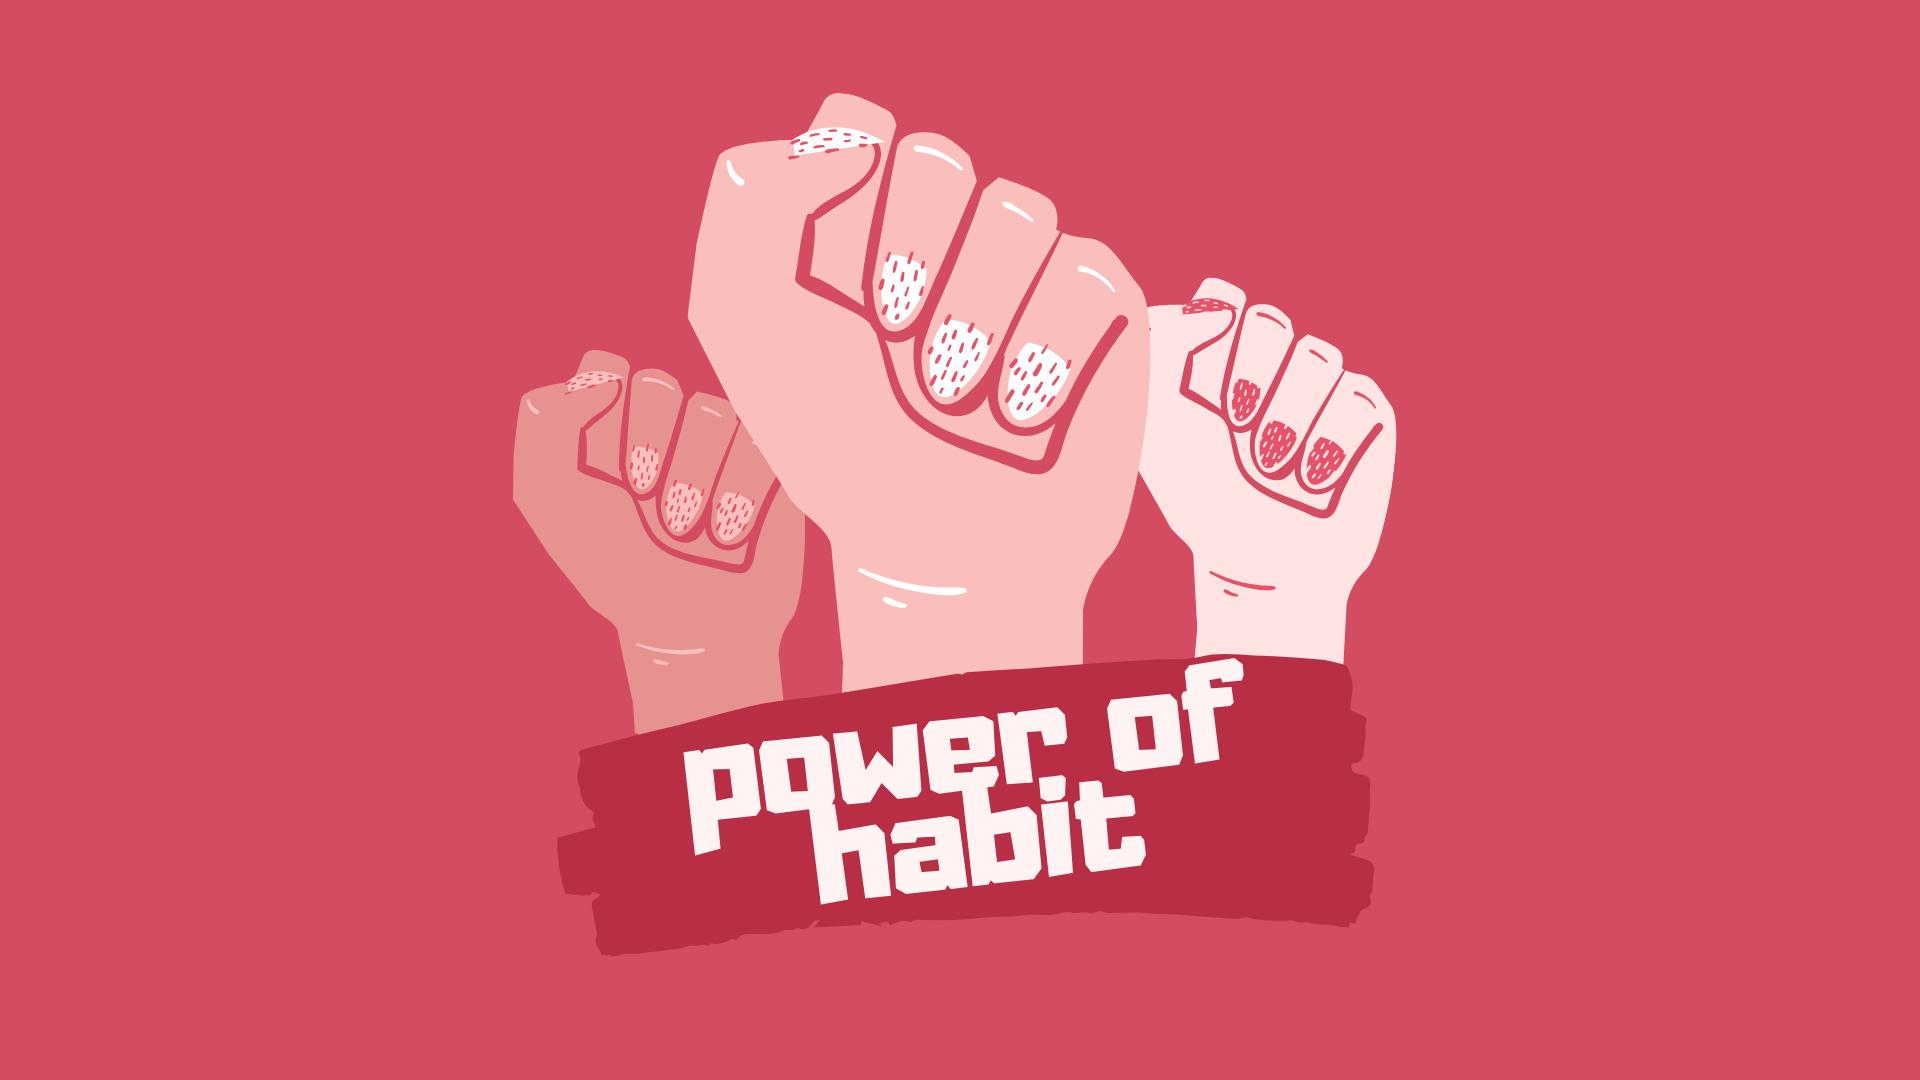 دیجیتال مارکتینگ و عادت های کسب و کار